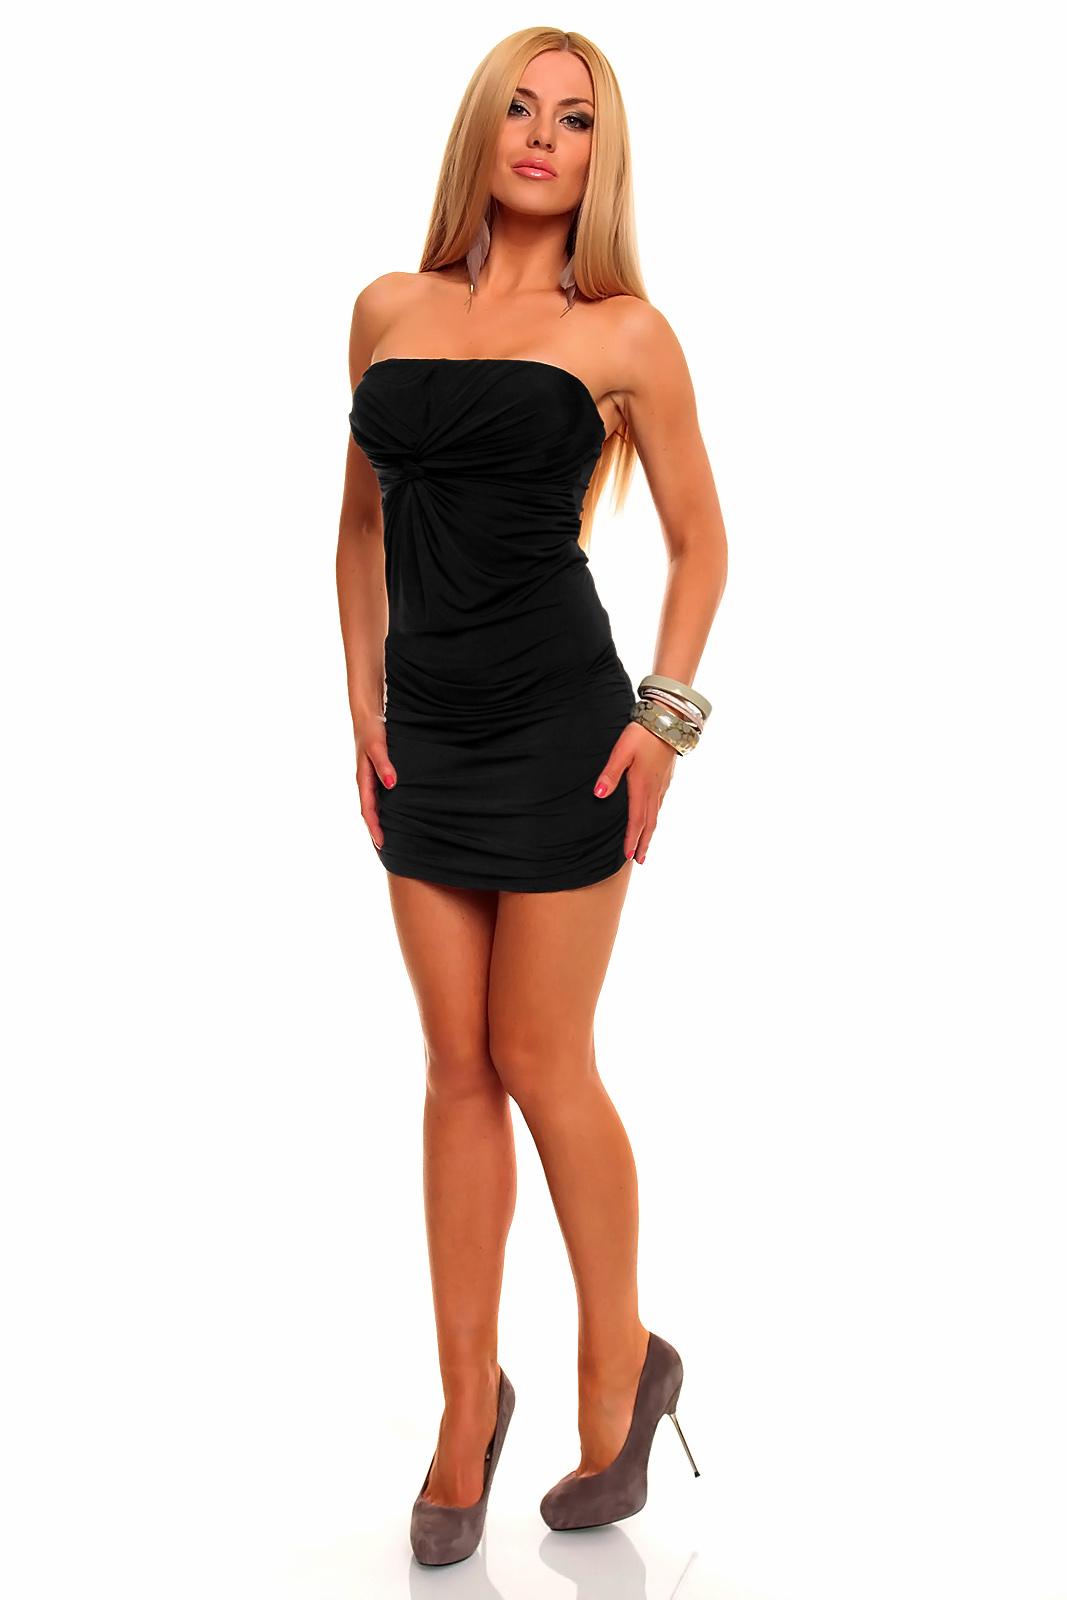 annawear - Bandeau-Stretch-Minikleid in schwarz